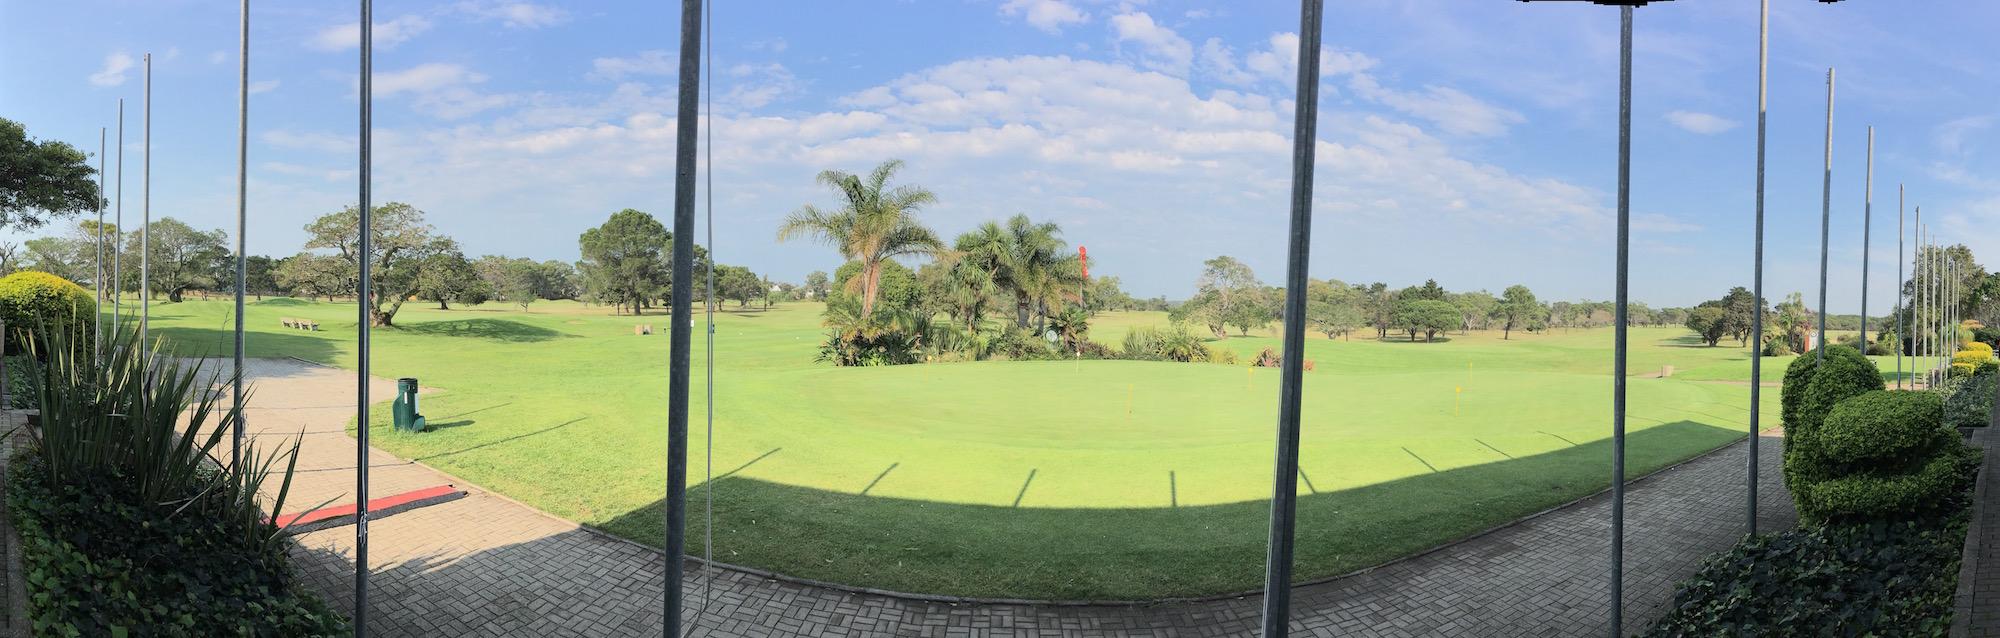 Port Elizabeth Golf Club - golfinthegardenroute.com